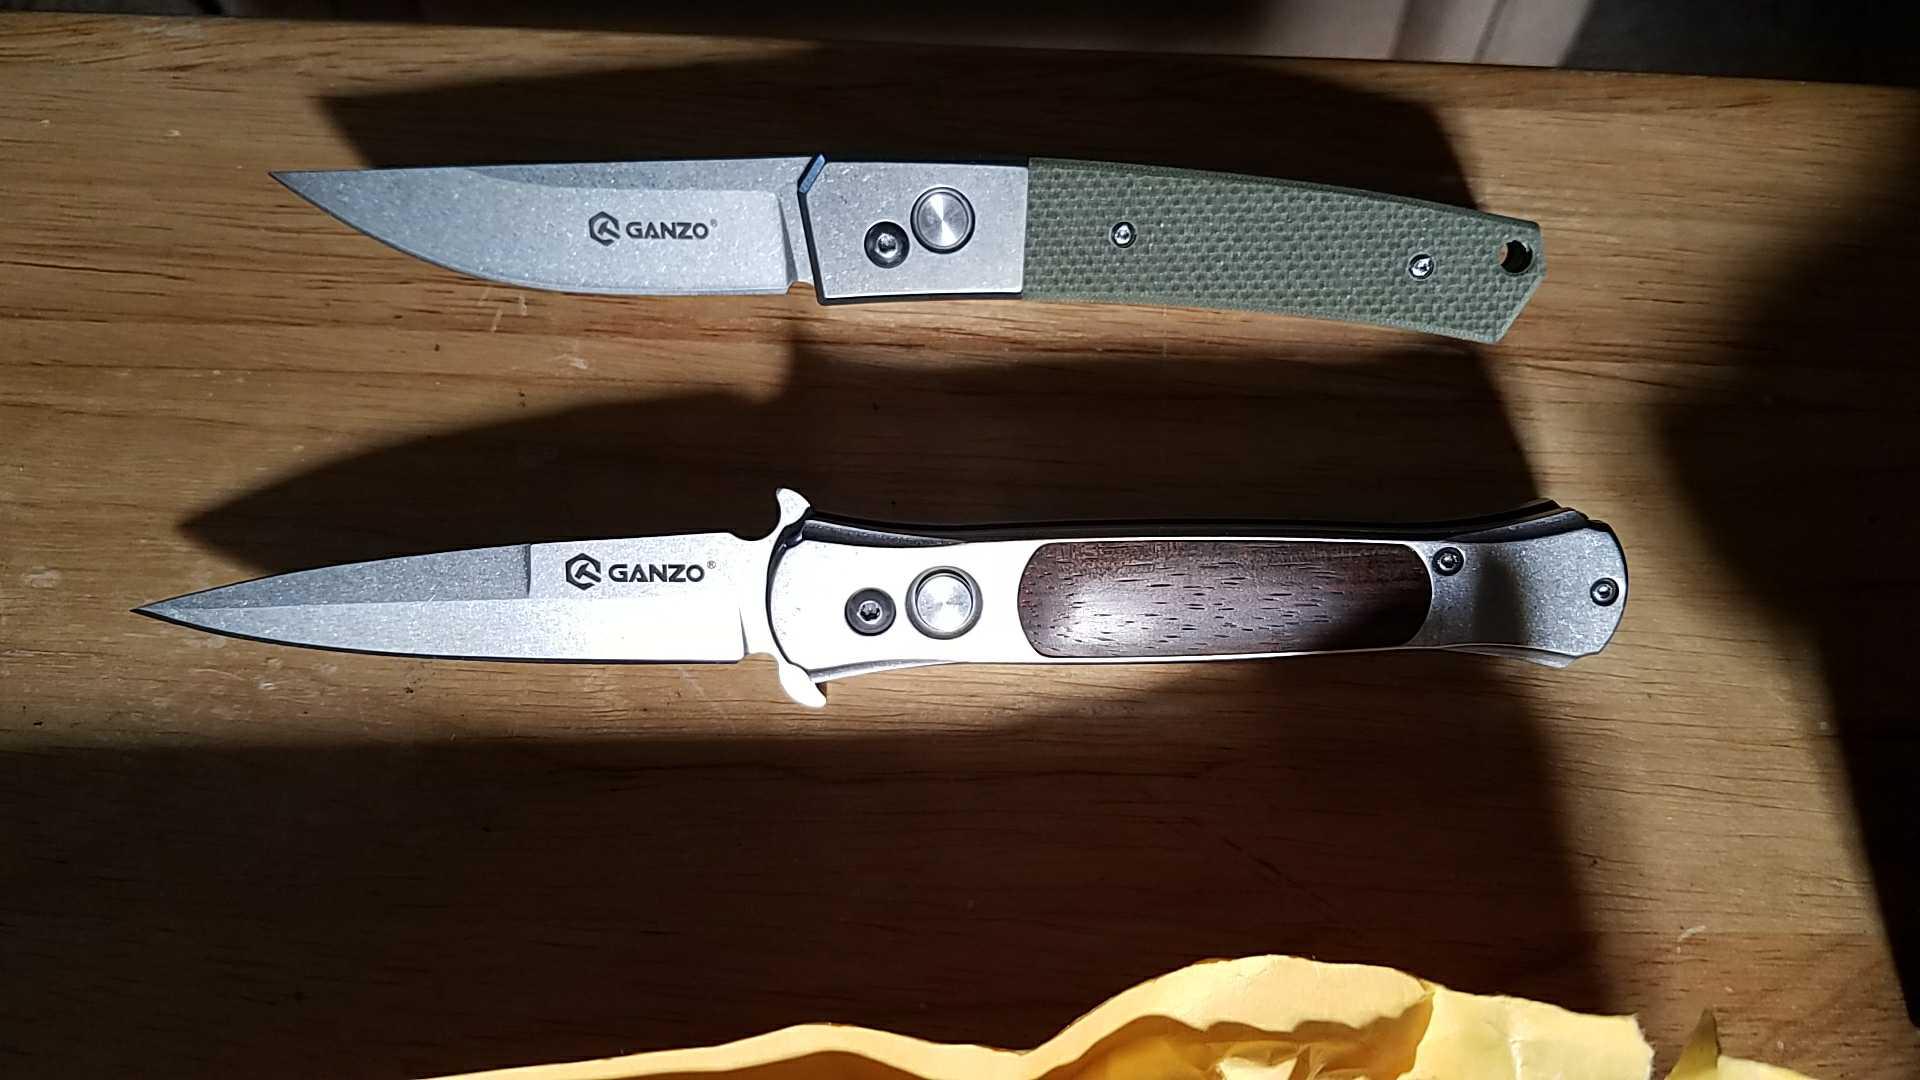 Можно ли дарить ножи в подарок? Почему нельзя дарить нож? 30